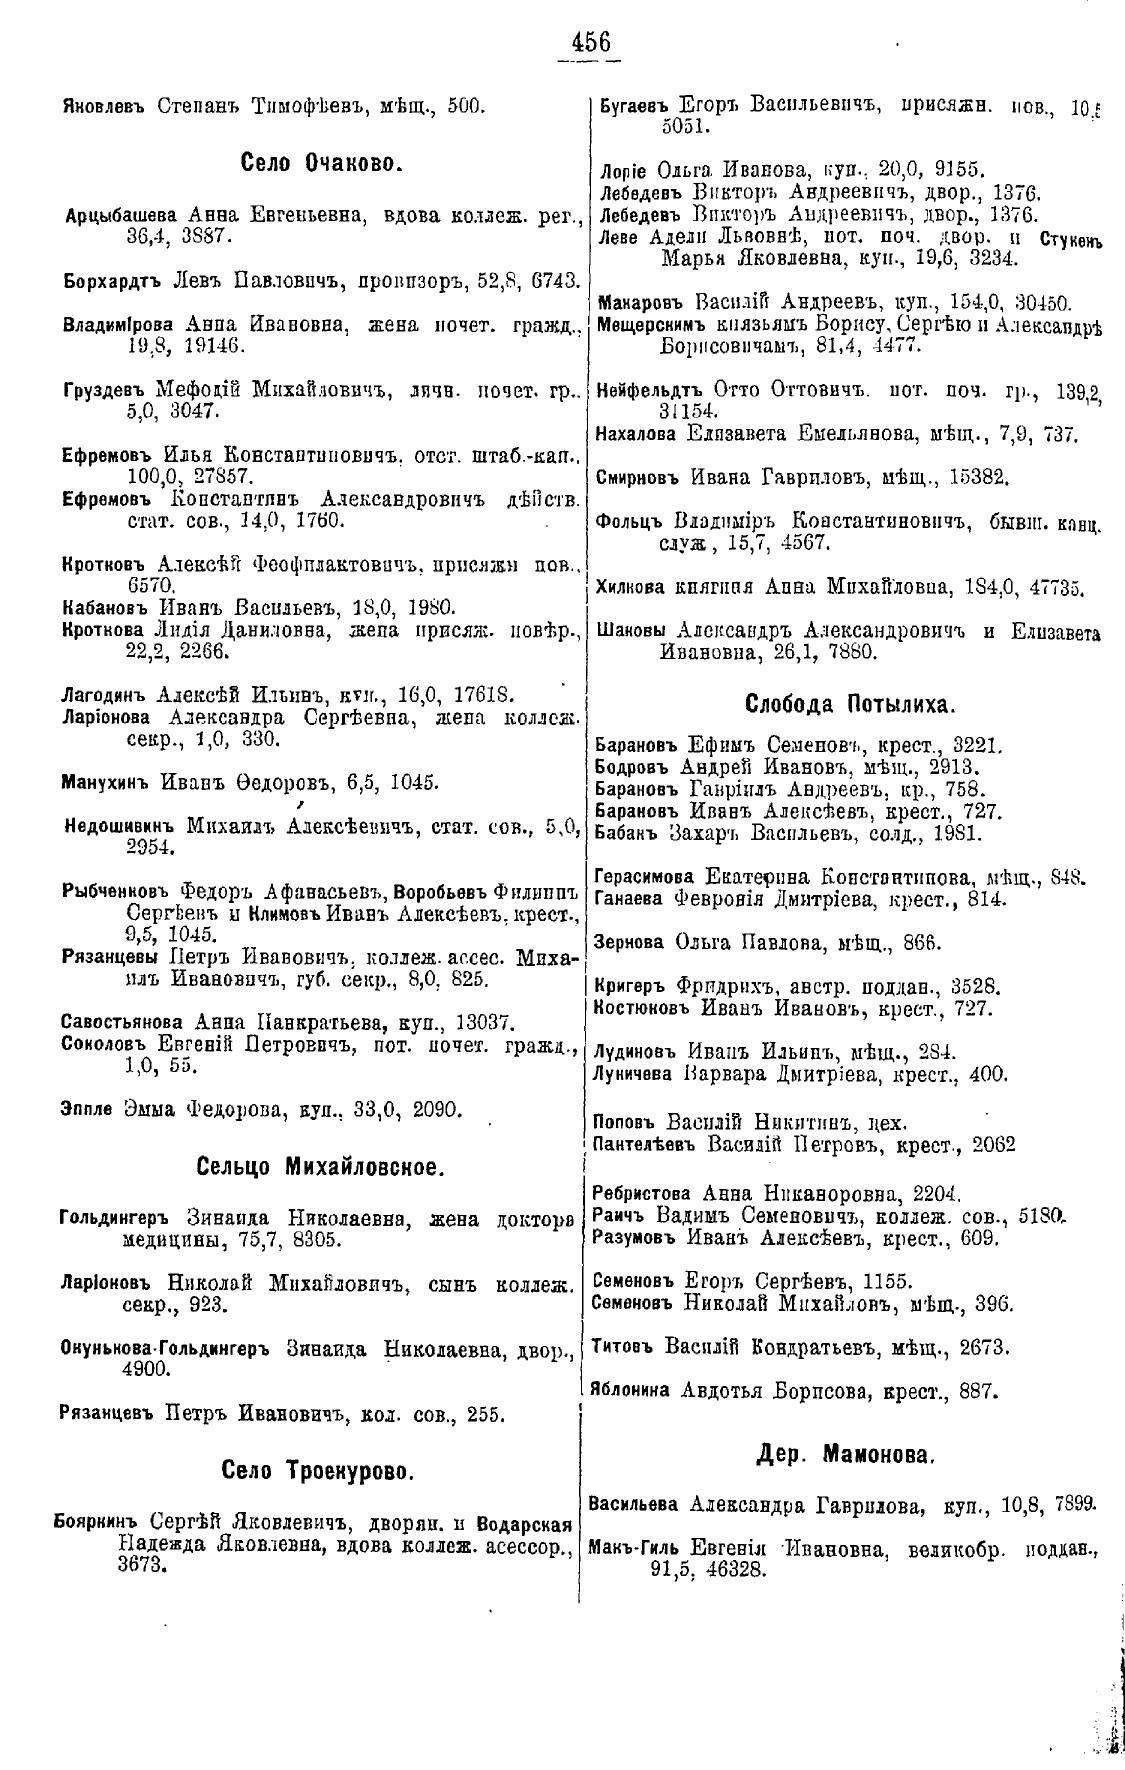 1899 Памятная книжка Московской губернии на 1899 год